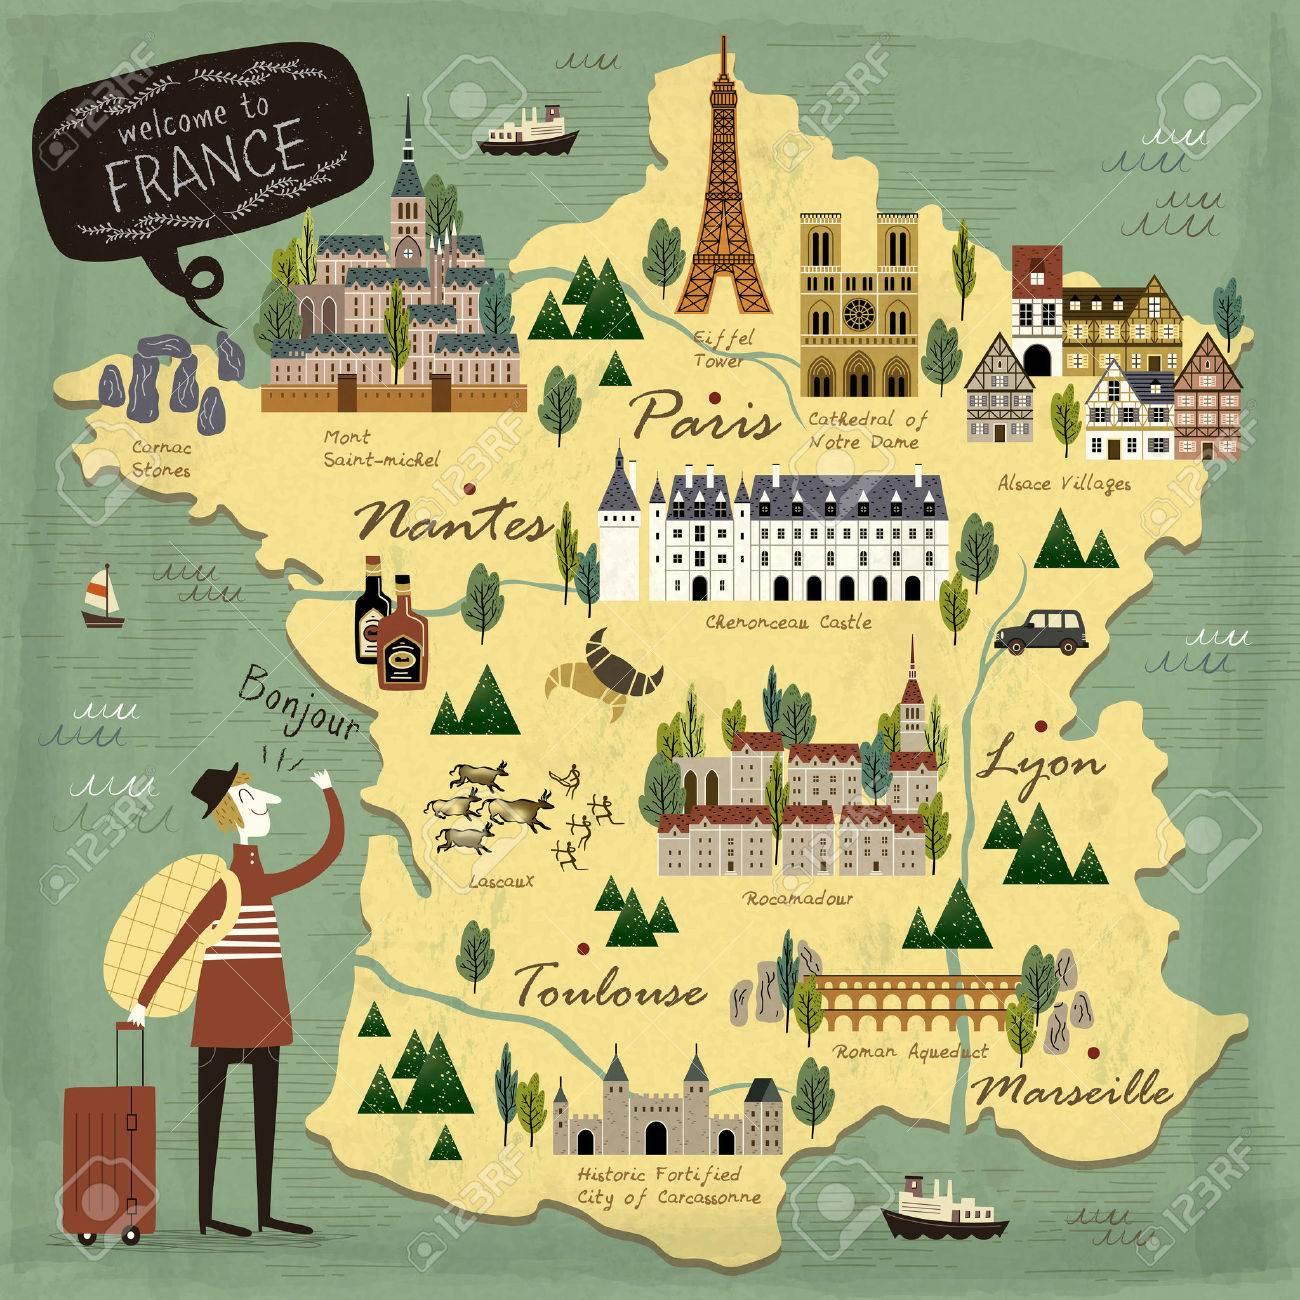 フランス旅行観光の概念イラスト マップのイラスト素材・ベクタ ...